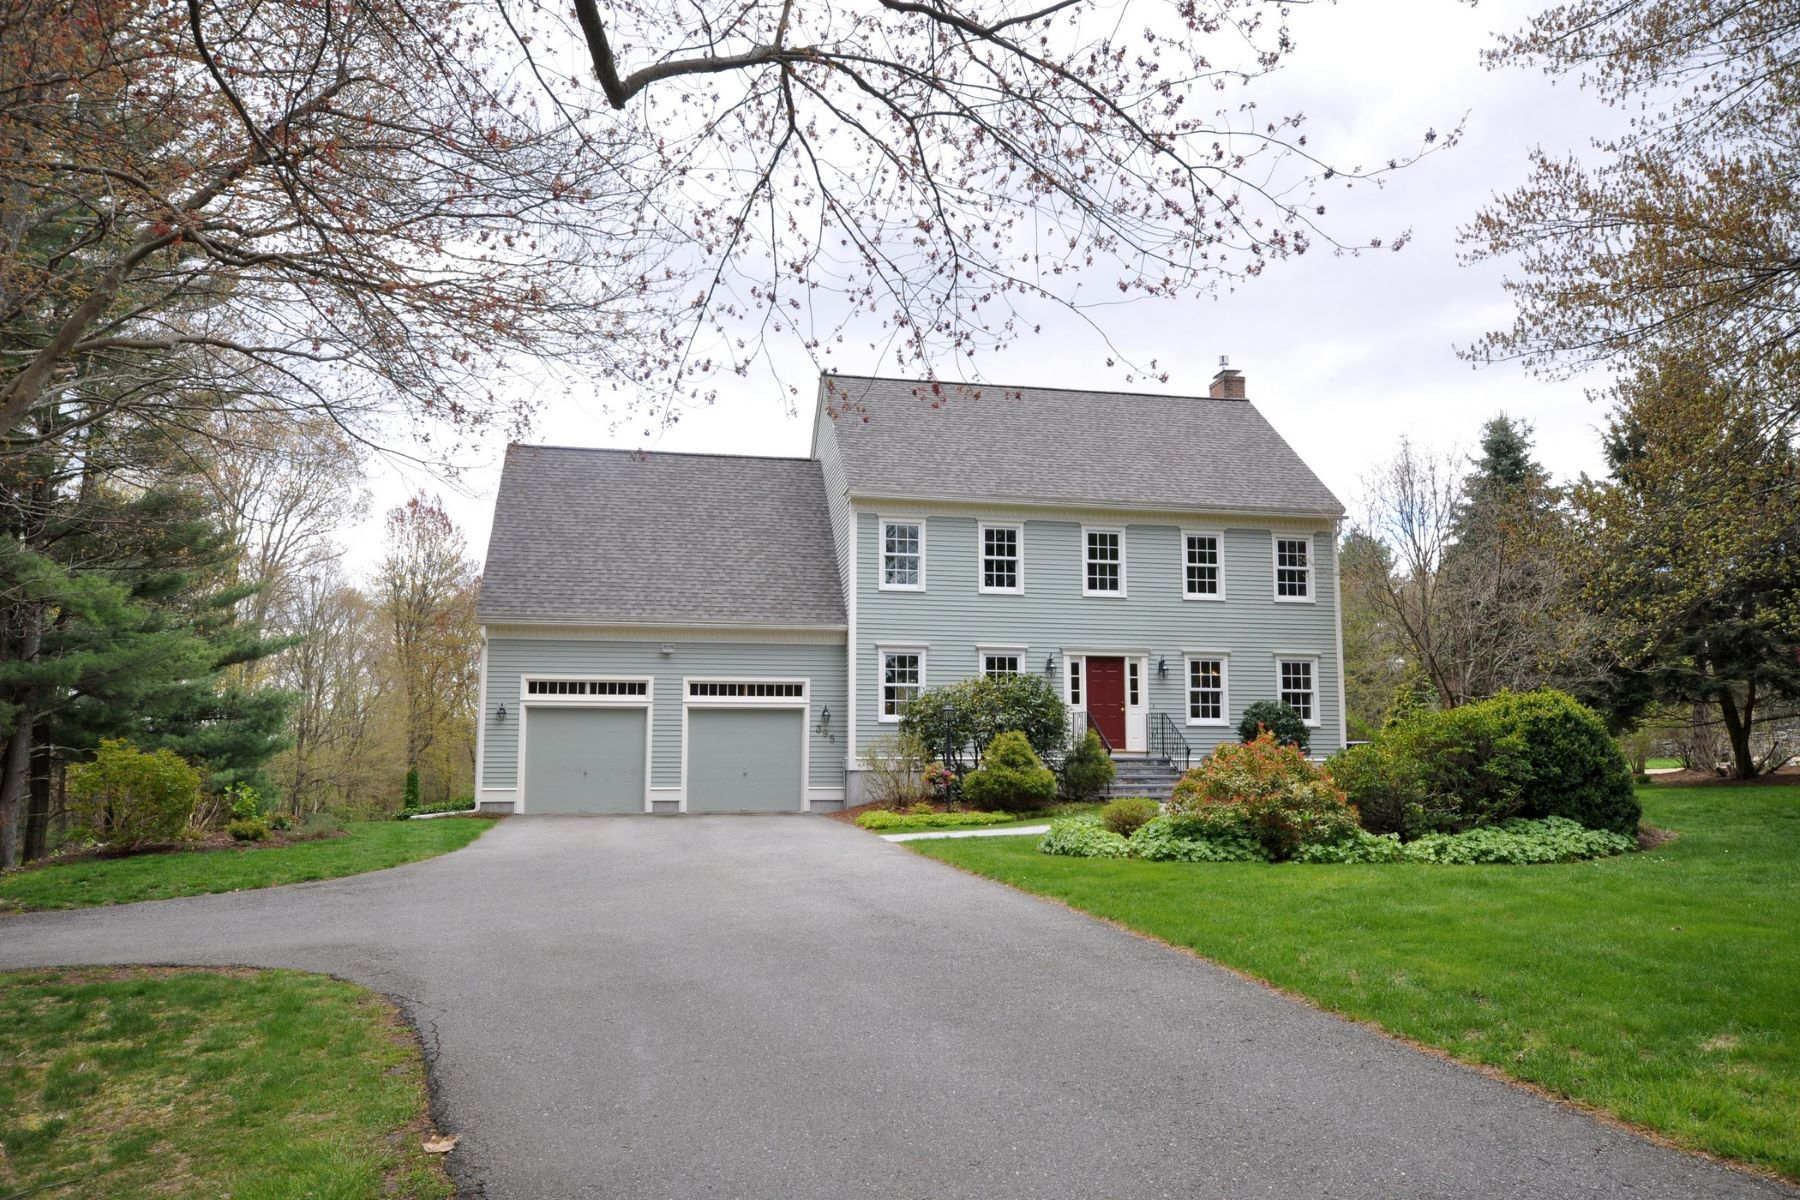 Single Family Homes για την Πώληση στο Boxborough, Μασαχουσετη 01719 Ηνωμένες Πολιτείες